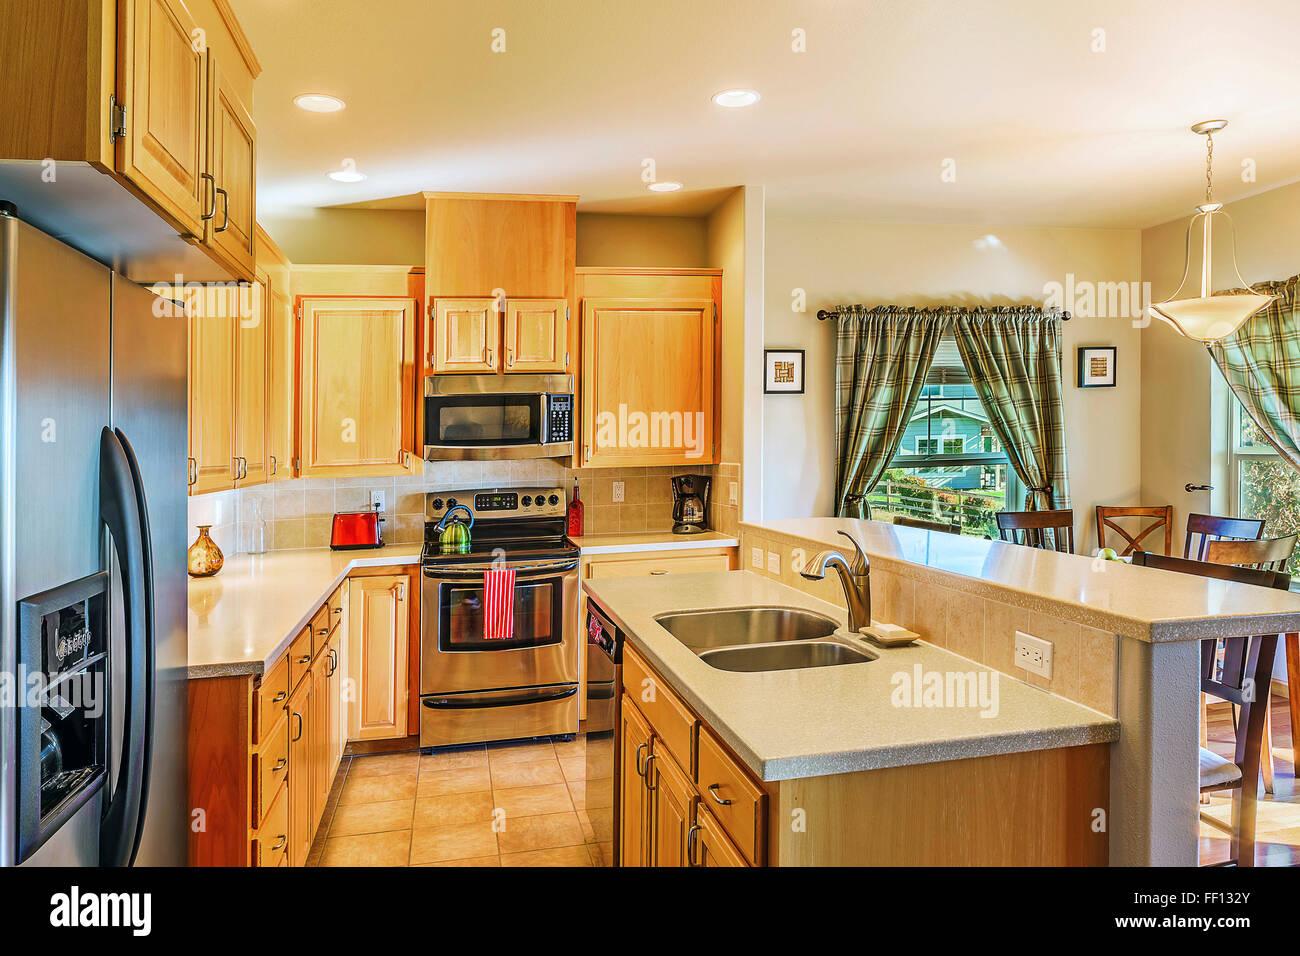 De granito y gabinetes de cocina moderna Imagen De Stock